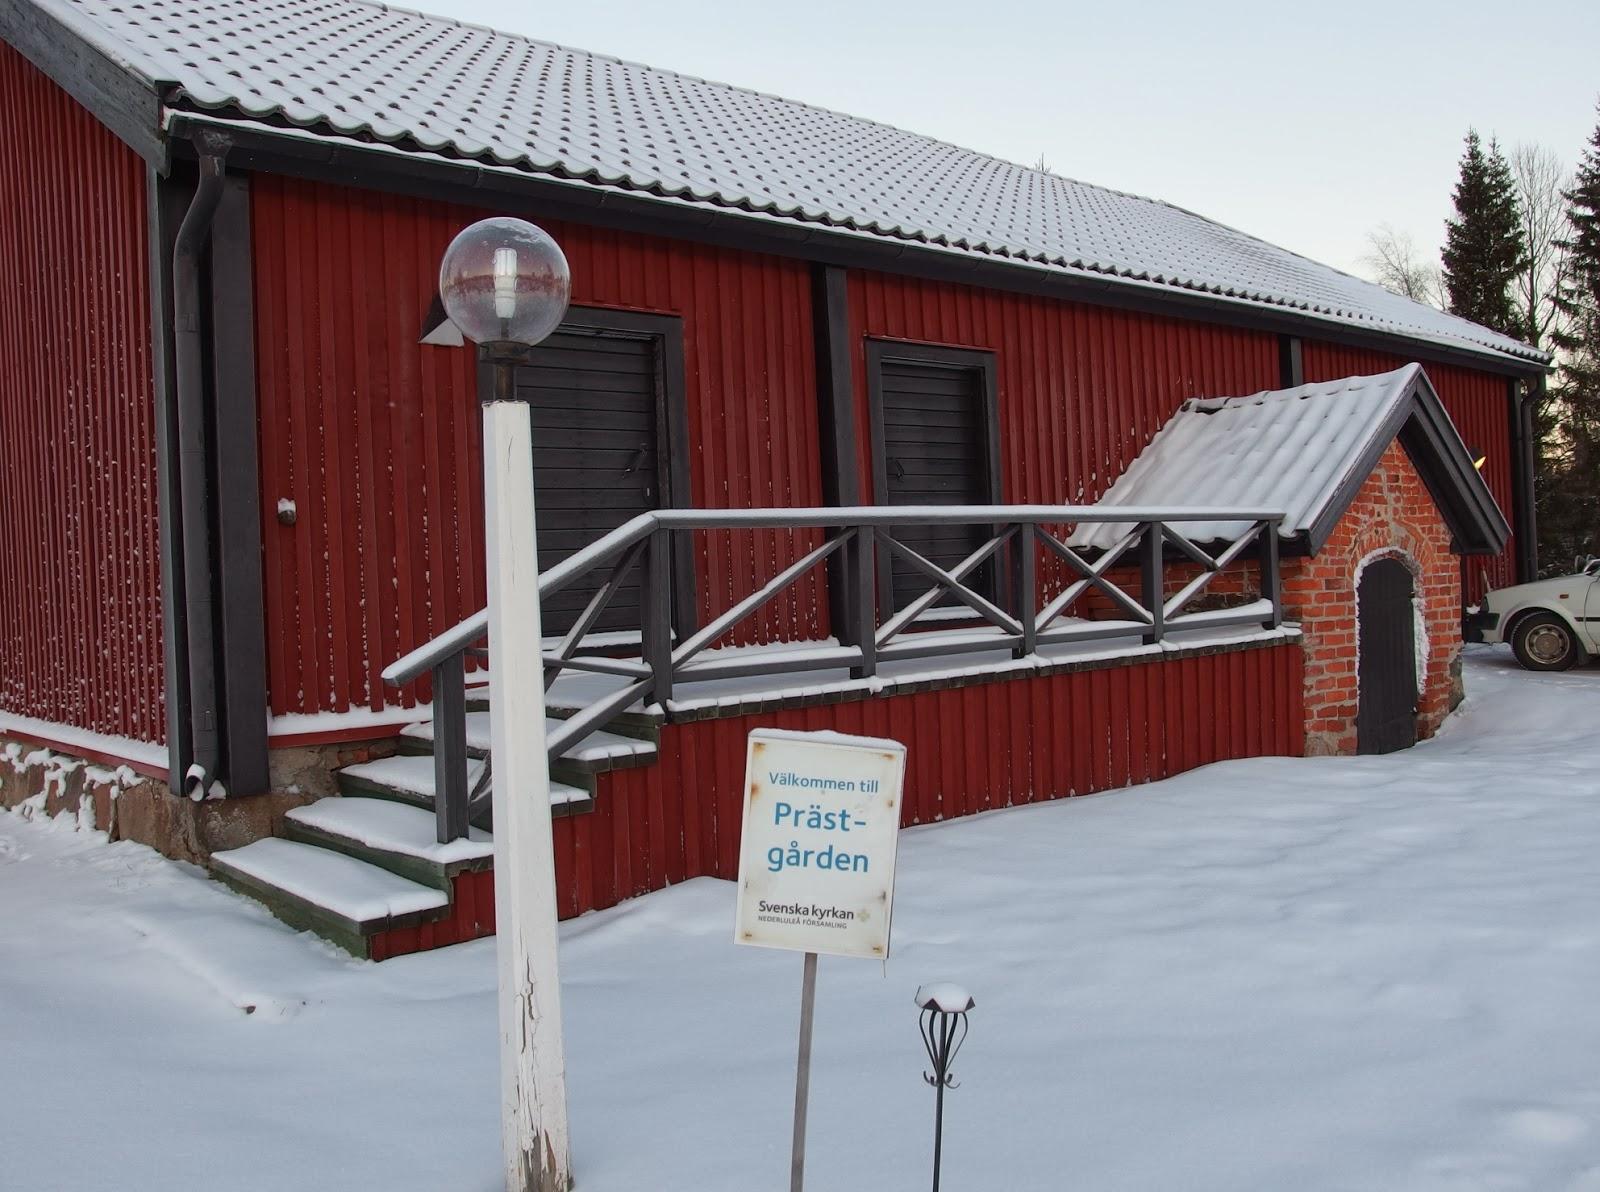 Gamla Bodenvgen - Norrbottens museum